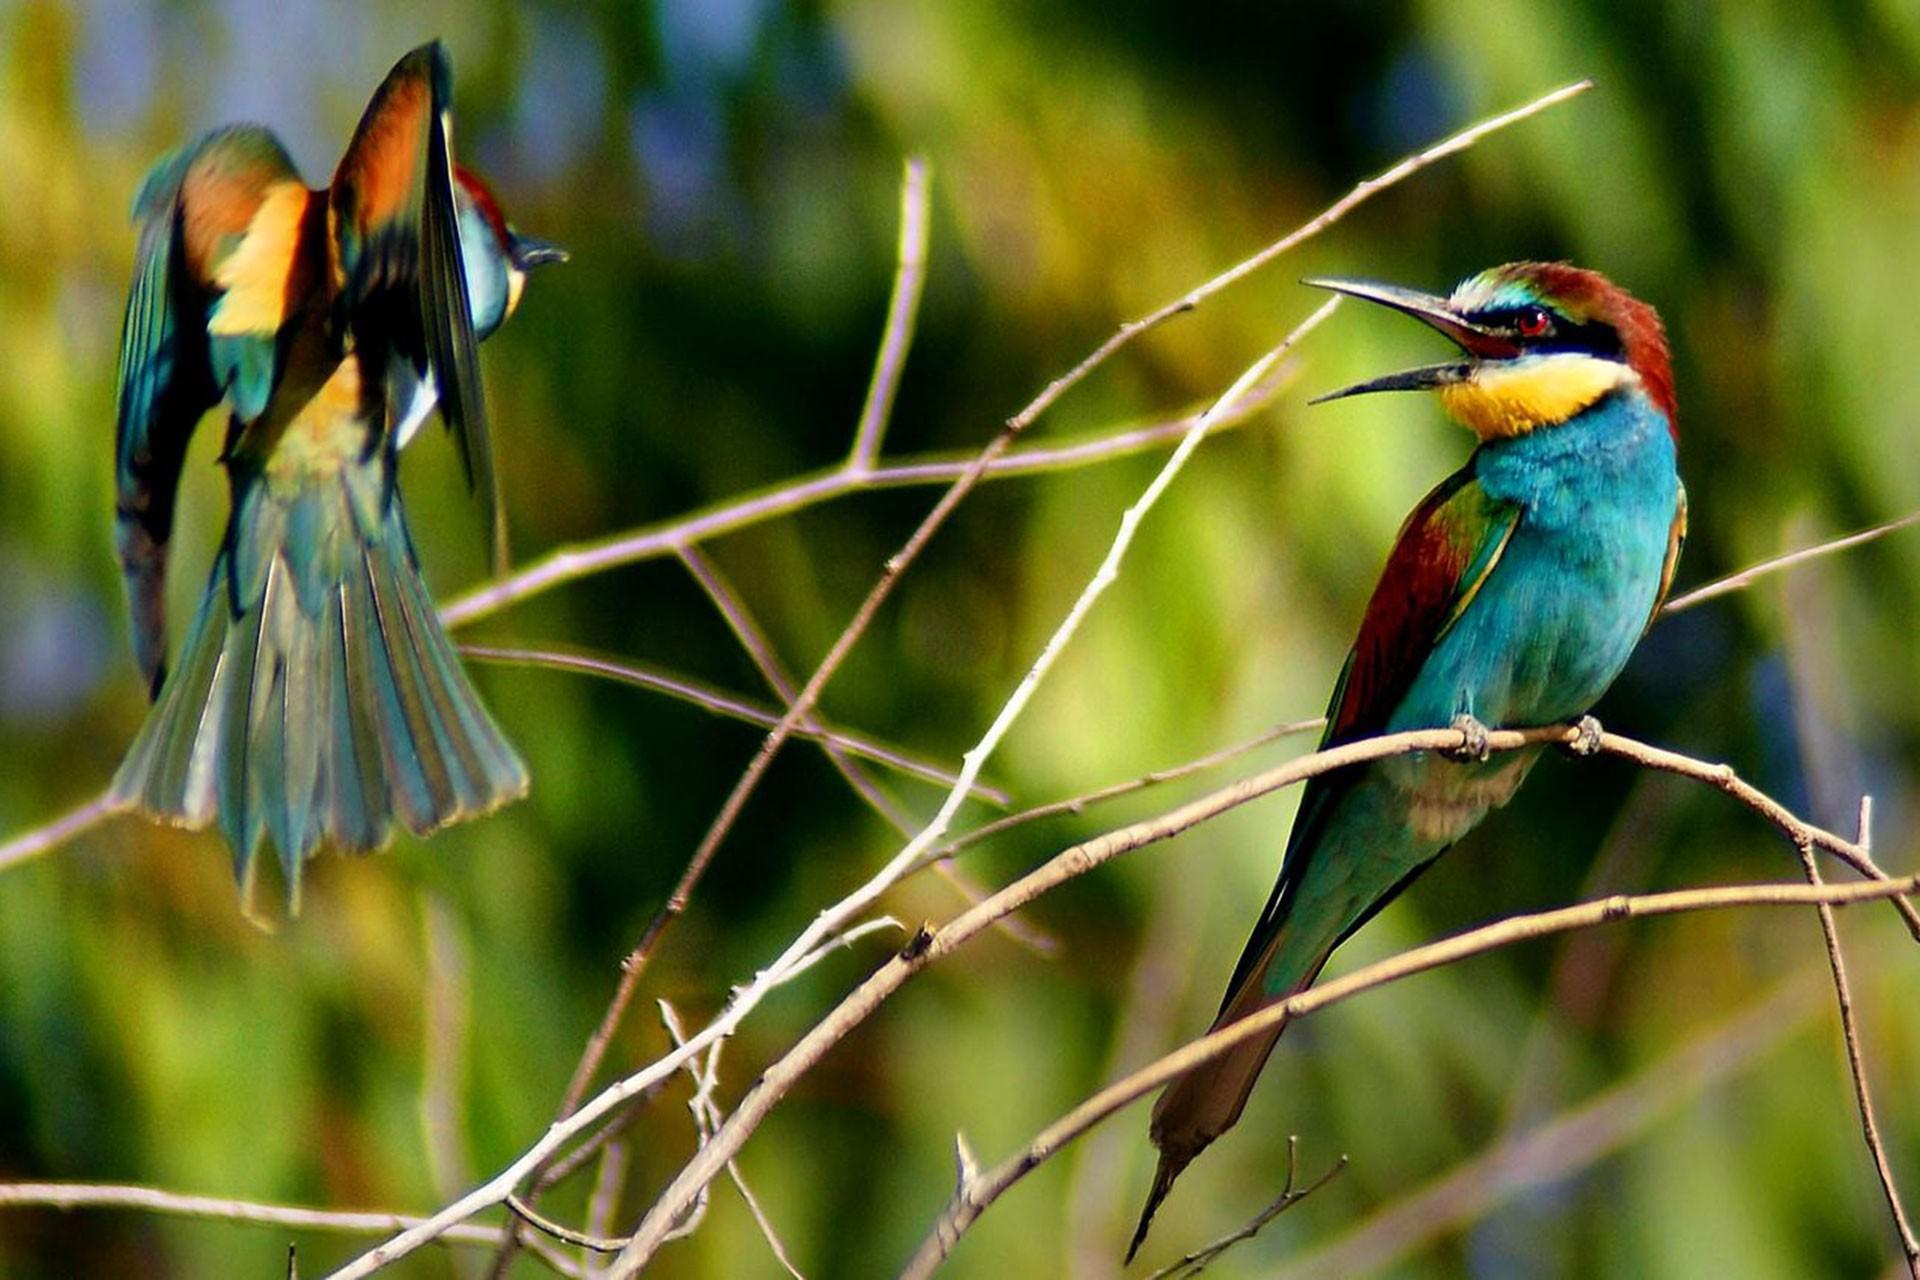 Kırmıtlı Kuş Cenneti'nde tuzakla yapılan kuş katliamı tepki topluyor